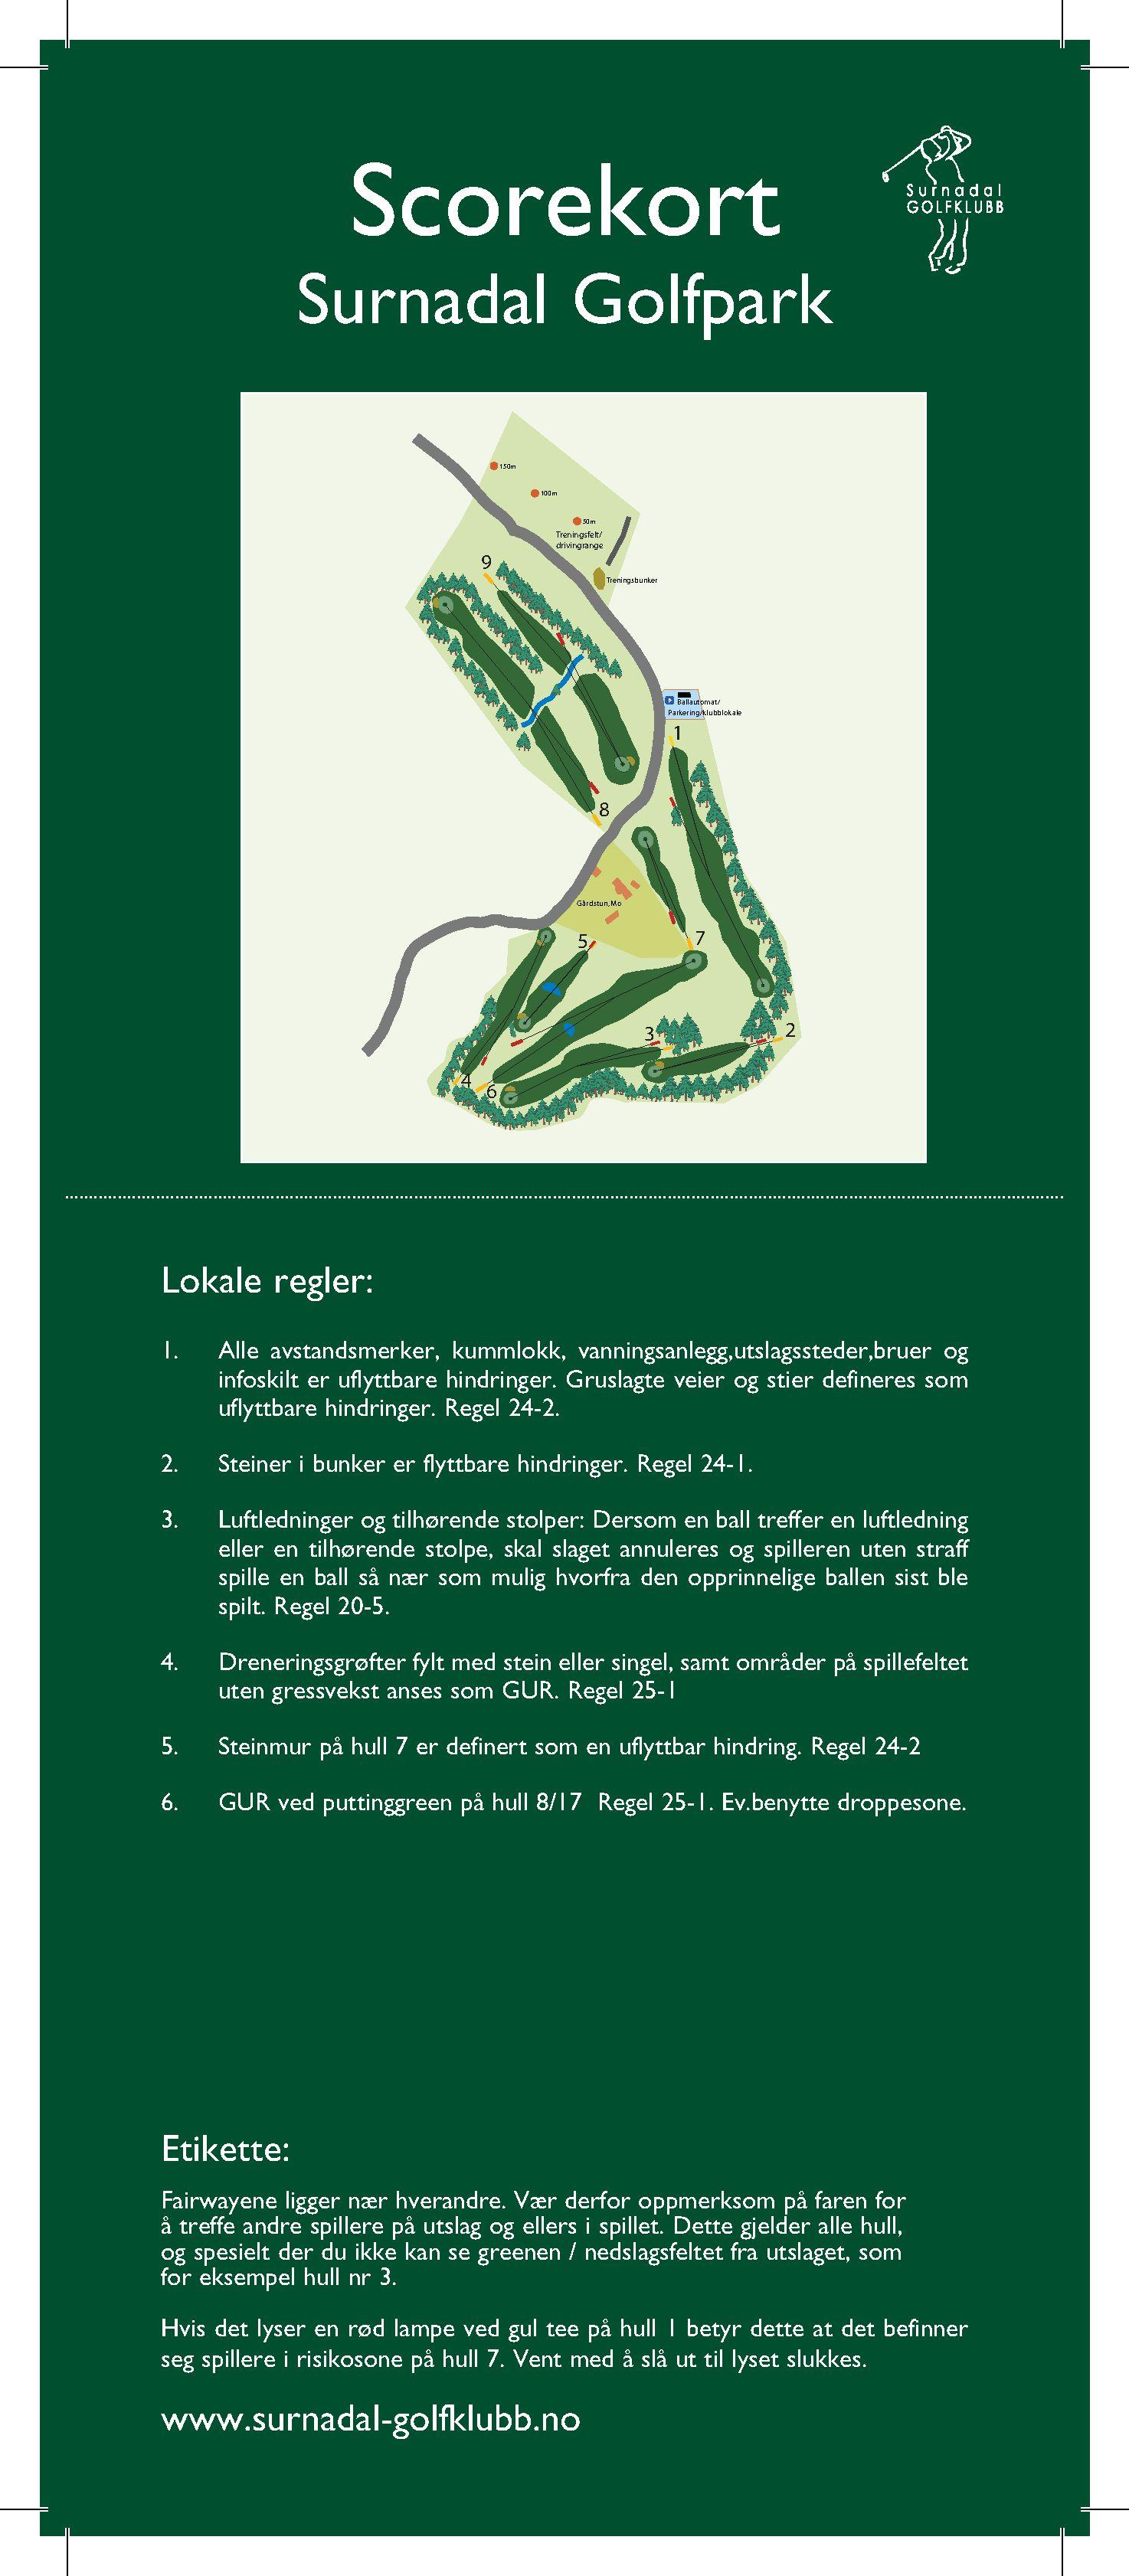 scorekort_9hull_2012_2